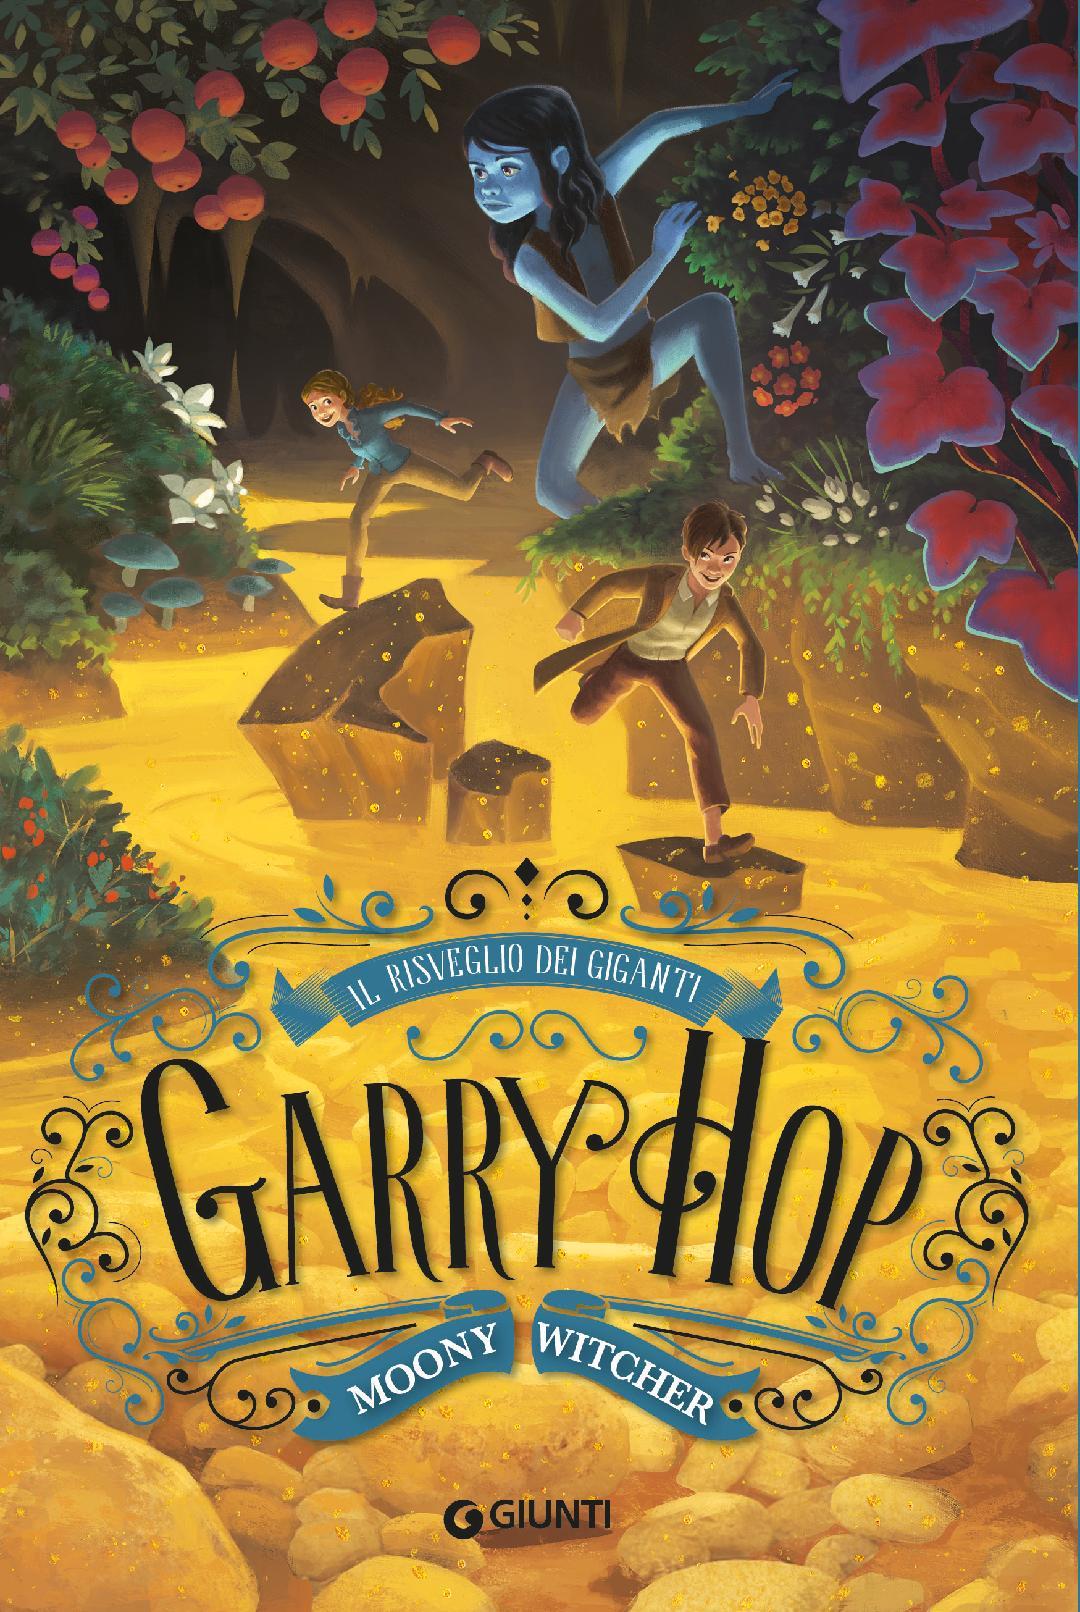 GARRY HOP: IL RISVEGLIO DEI GIGANTI di Moony Witcher